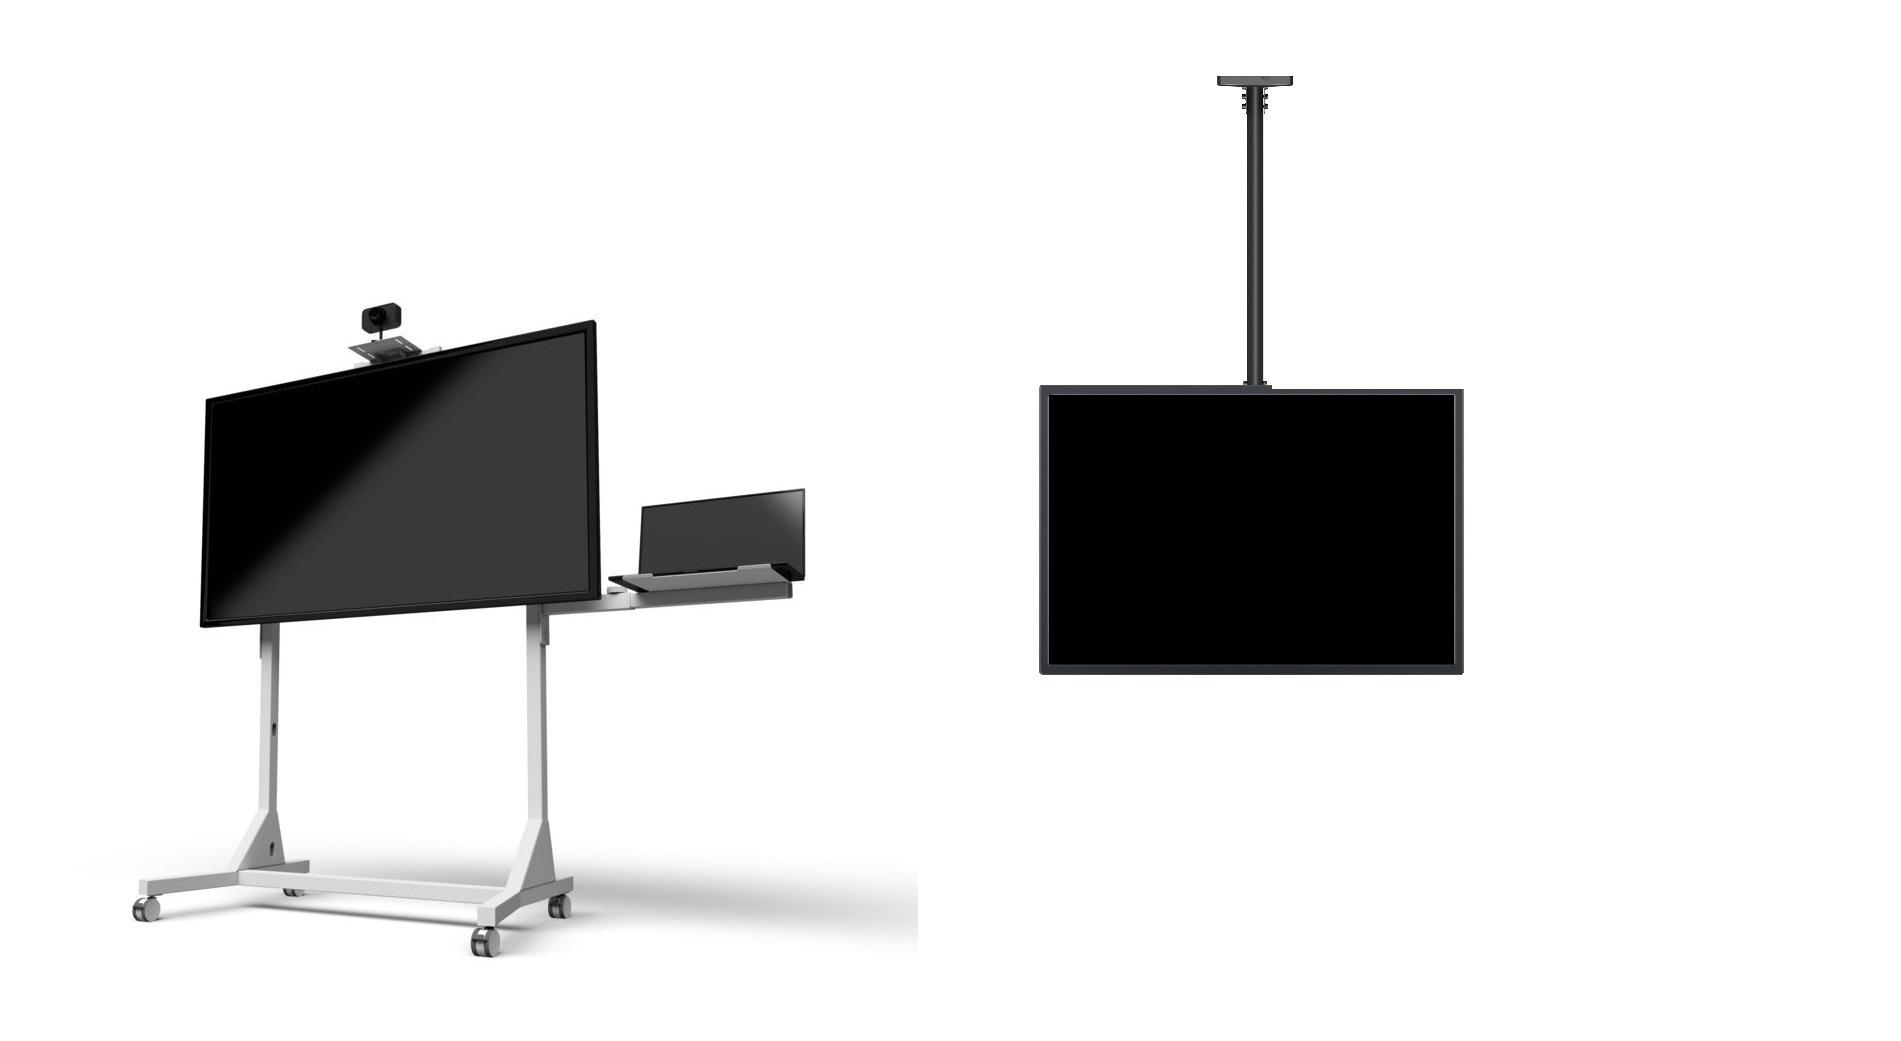 Lepší výhled na televizor či monitor s držáky Multibrackets